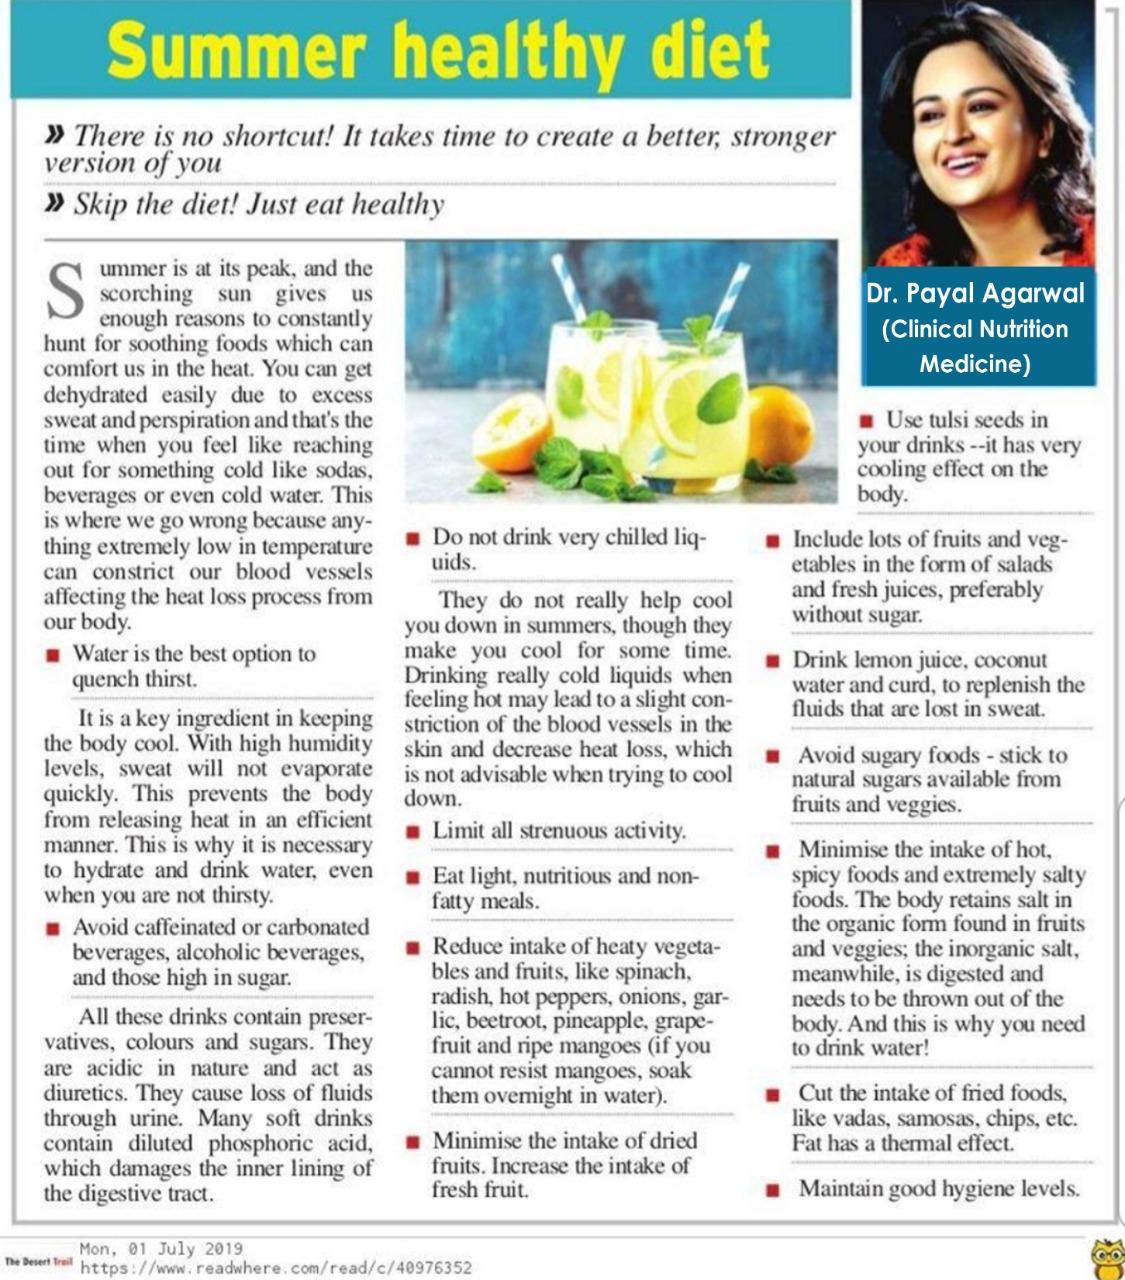 Summer Healthy Diet